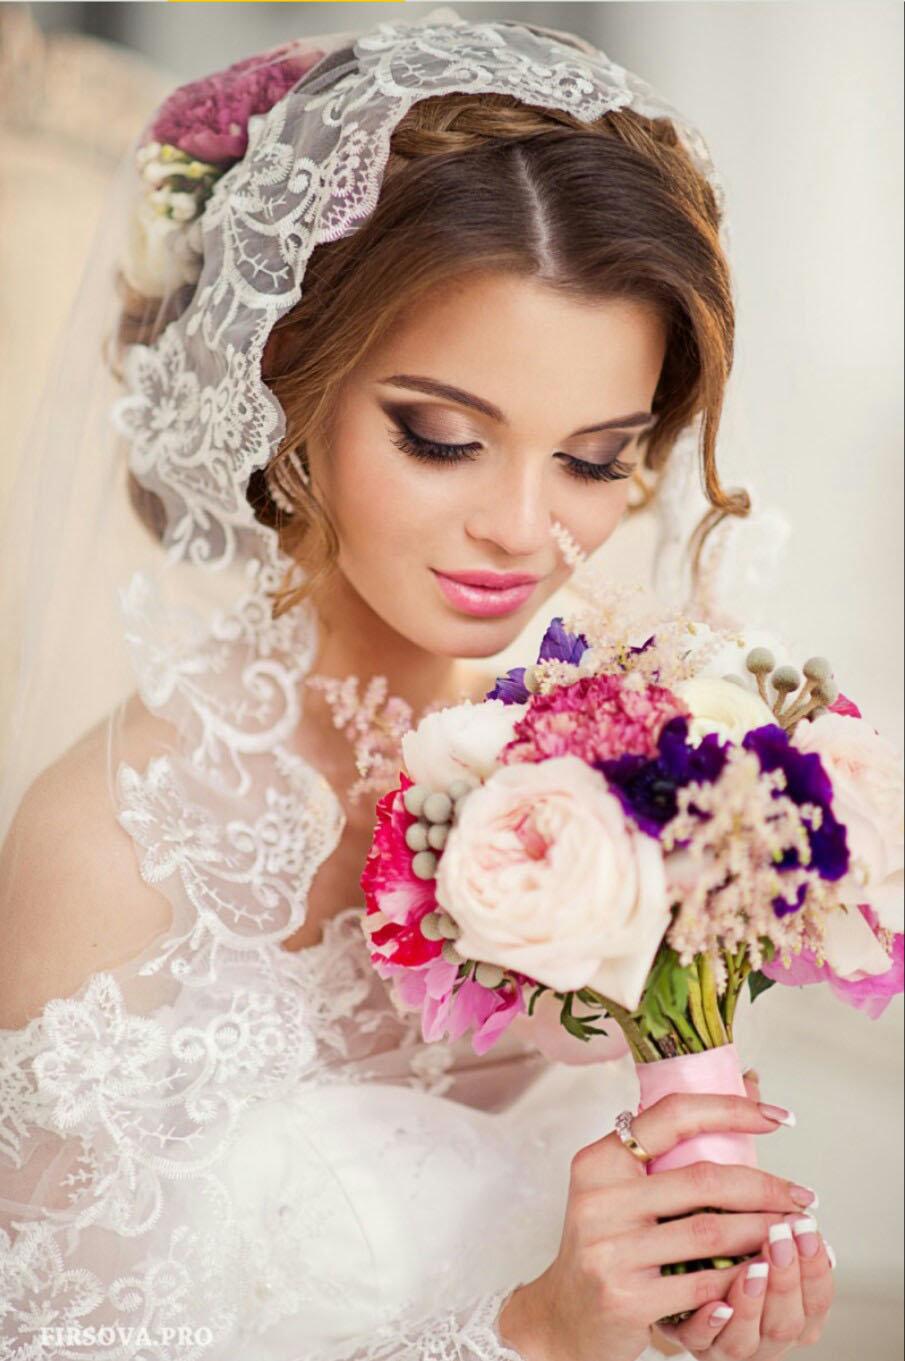 Макияж для невест фото